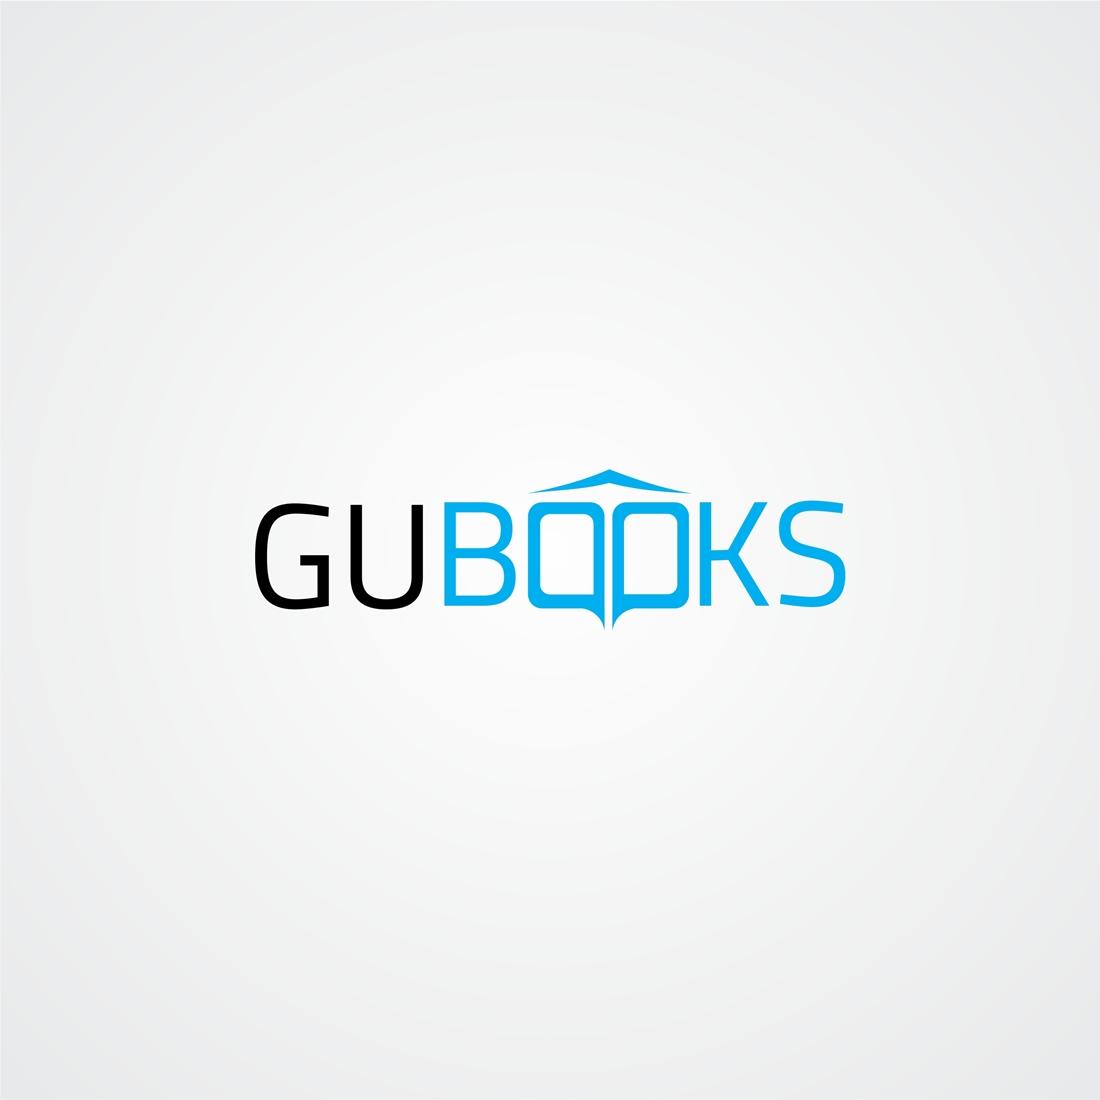 Logo & Branding Gubooks Community